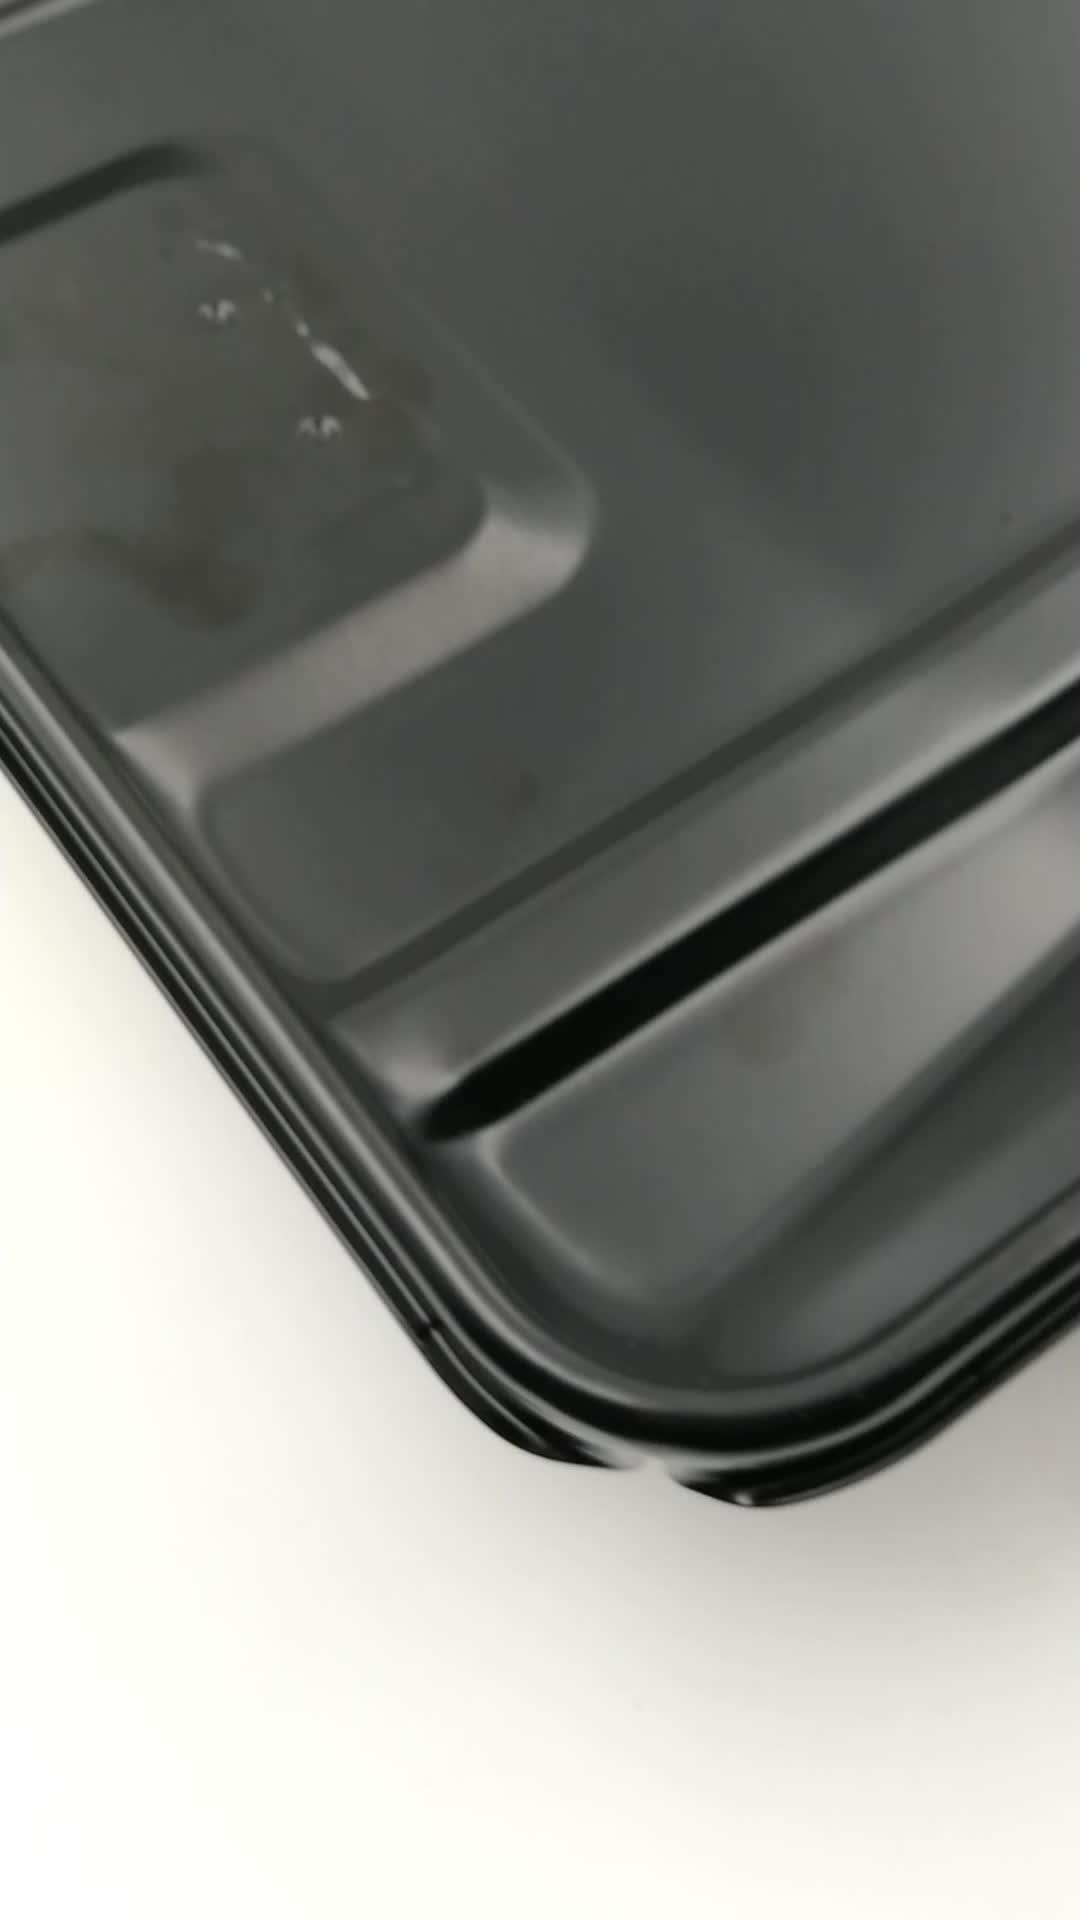 カスタムメイド新品中古自動車部品自動車パーツ鋼金属プレス自動スペアパーツ